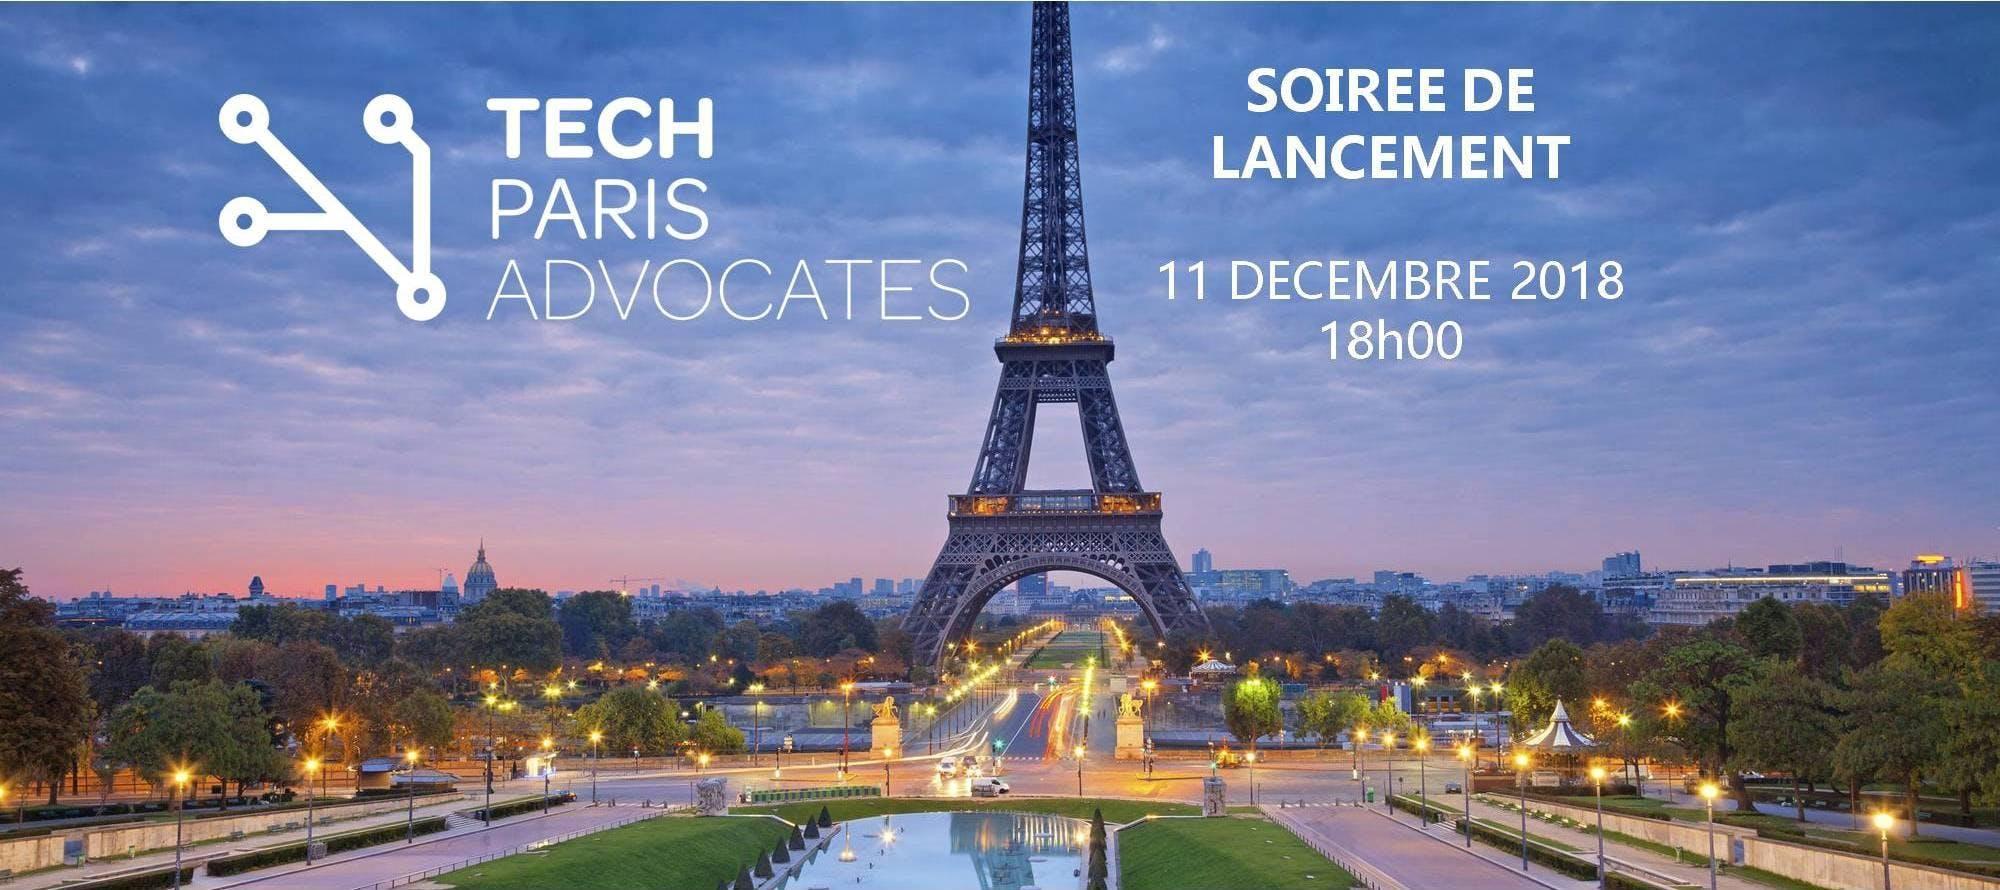 Tech Paris Advocates - Soirée de Lancement